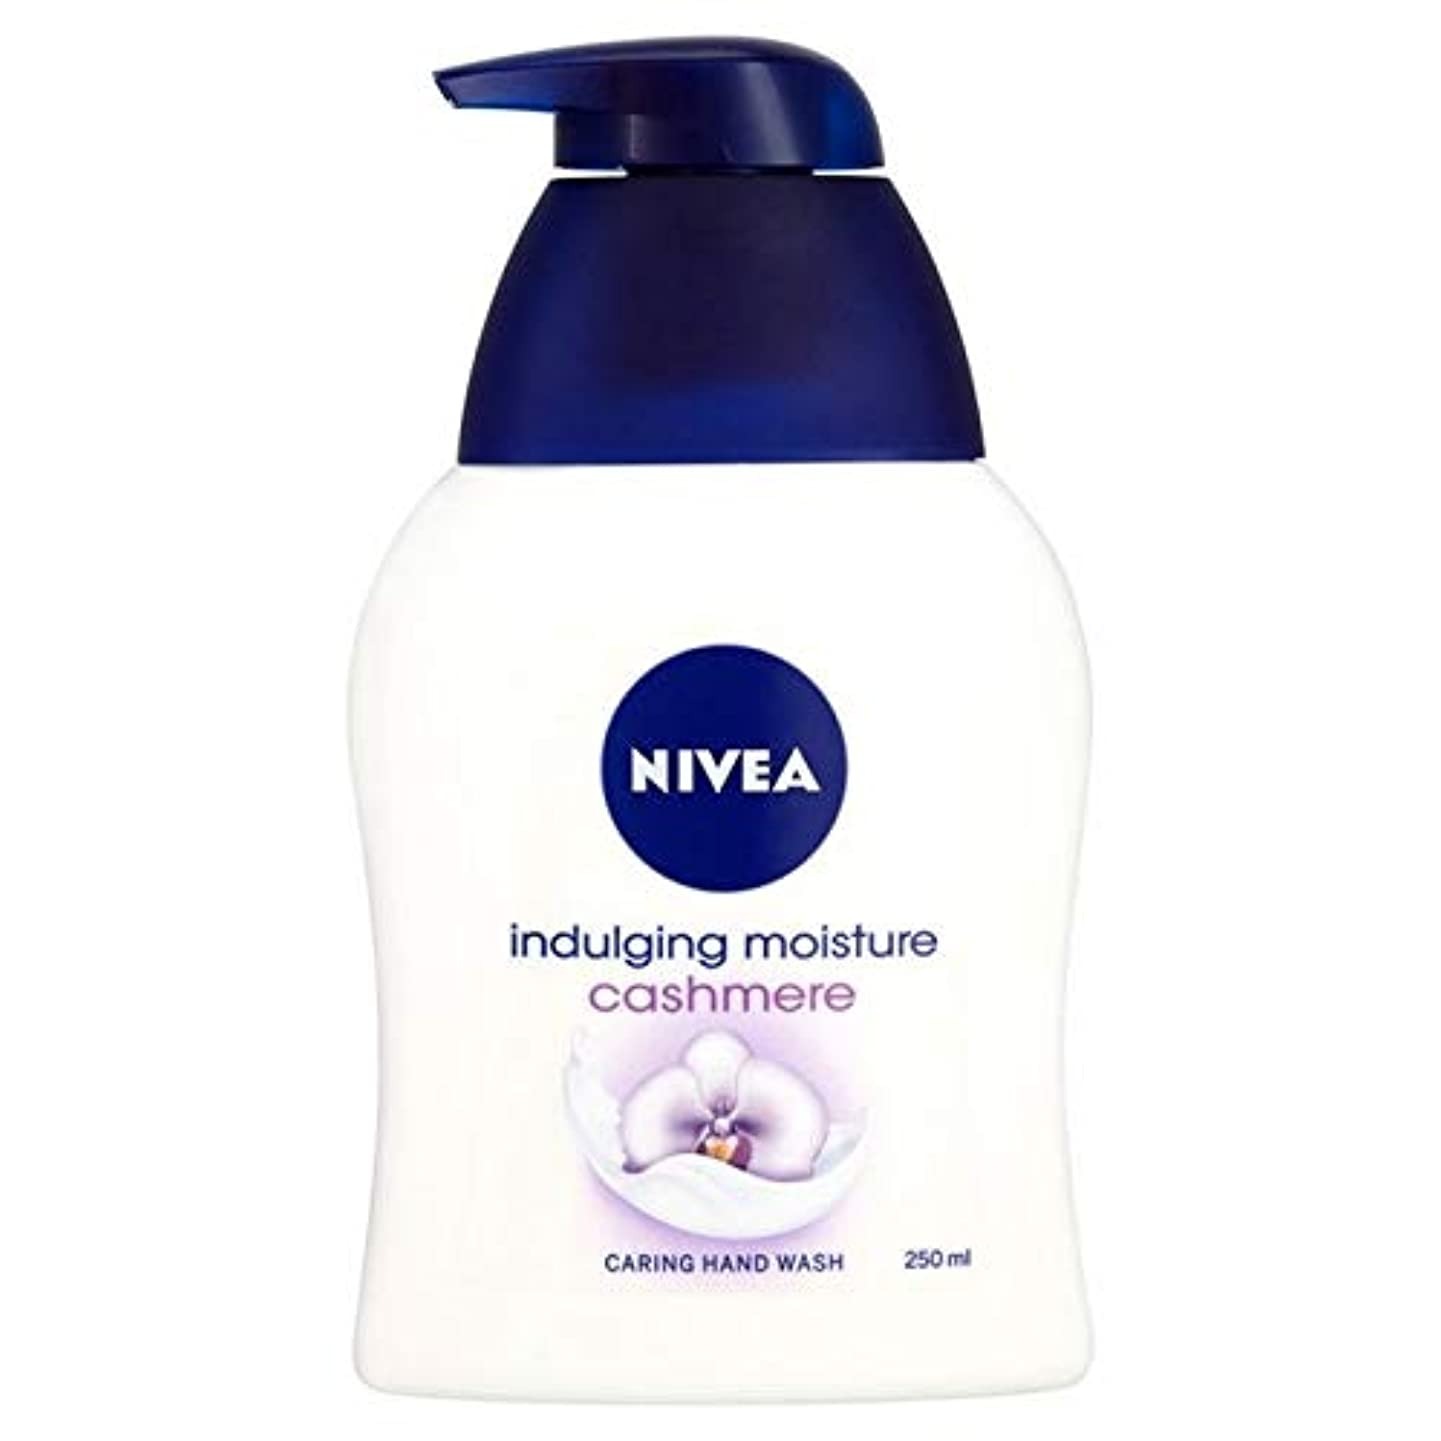 アート聖なるマイコン[Nivea ] ニベアふける水分カシミヤ思いやり手洗いの250ミリリットル - Nivea Indulging Moisture Cashmere Caring Hand Wash 250ml [並行輸入品]